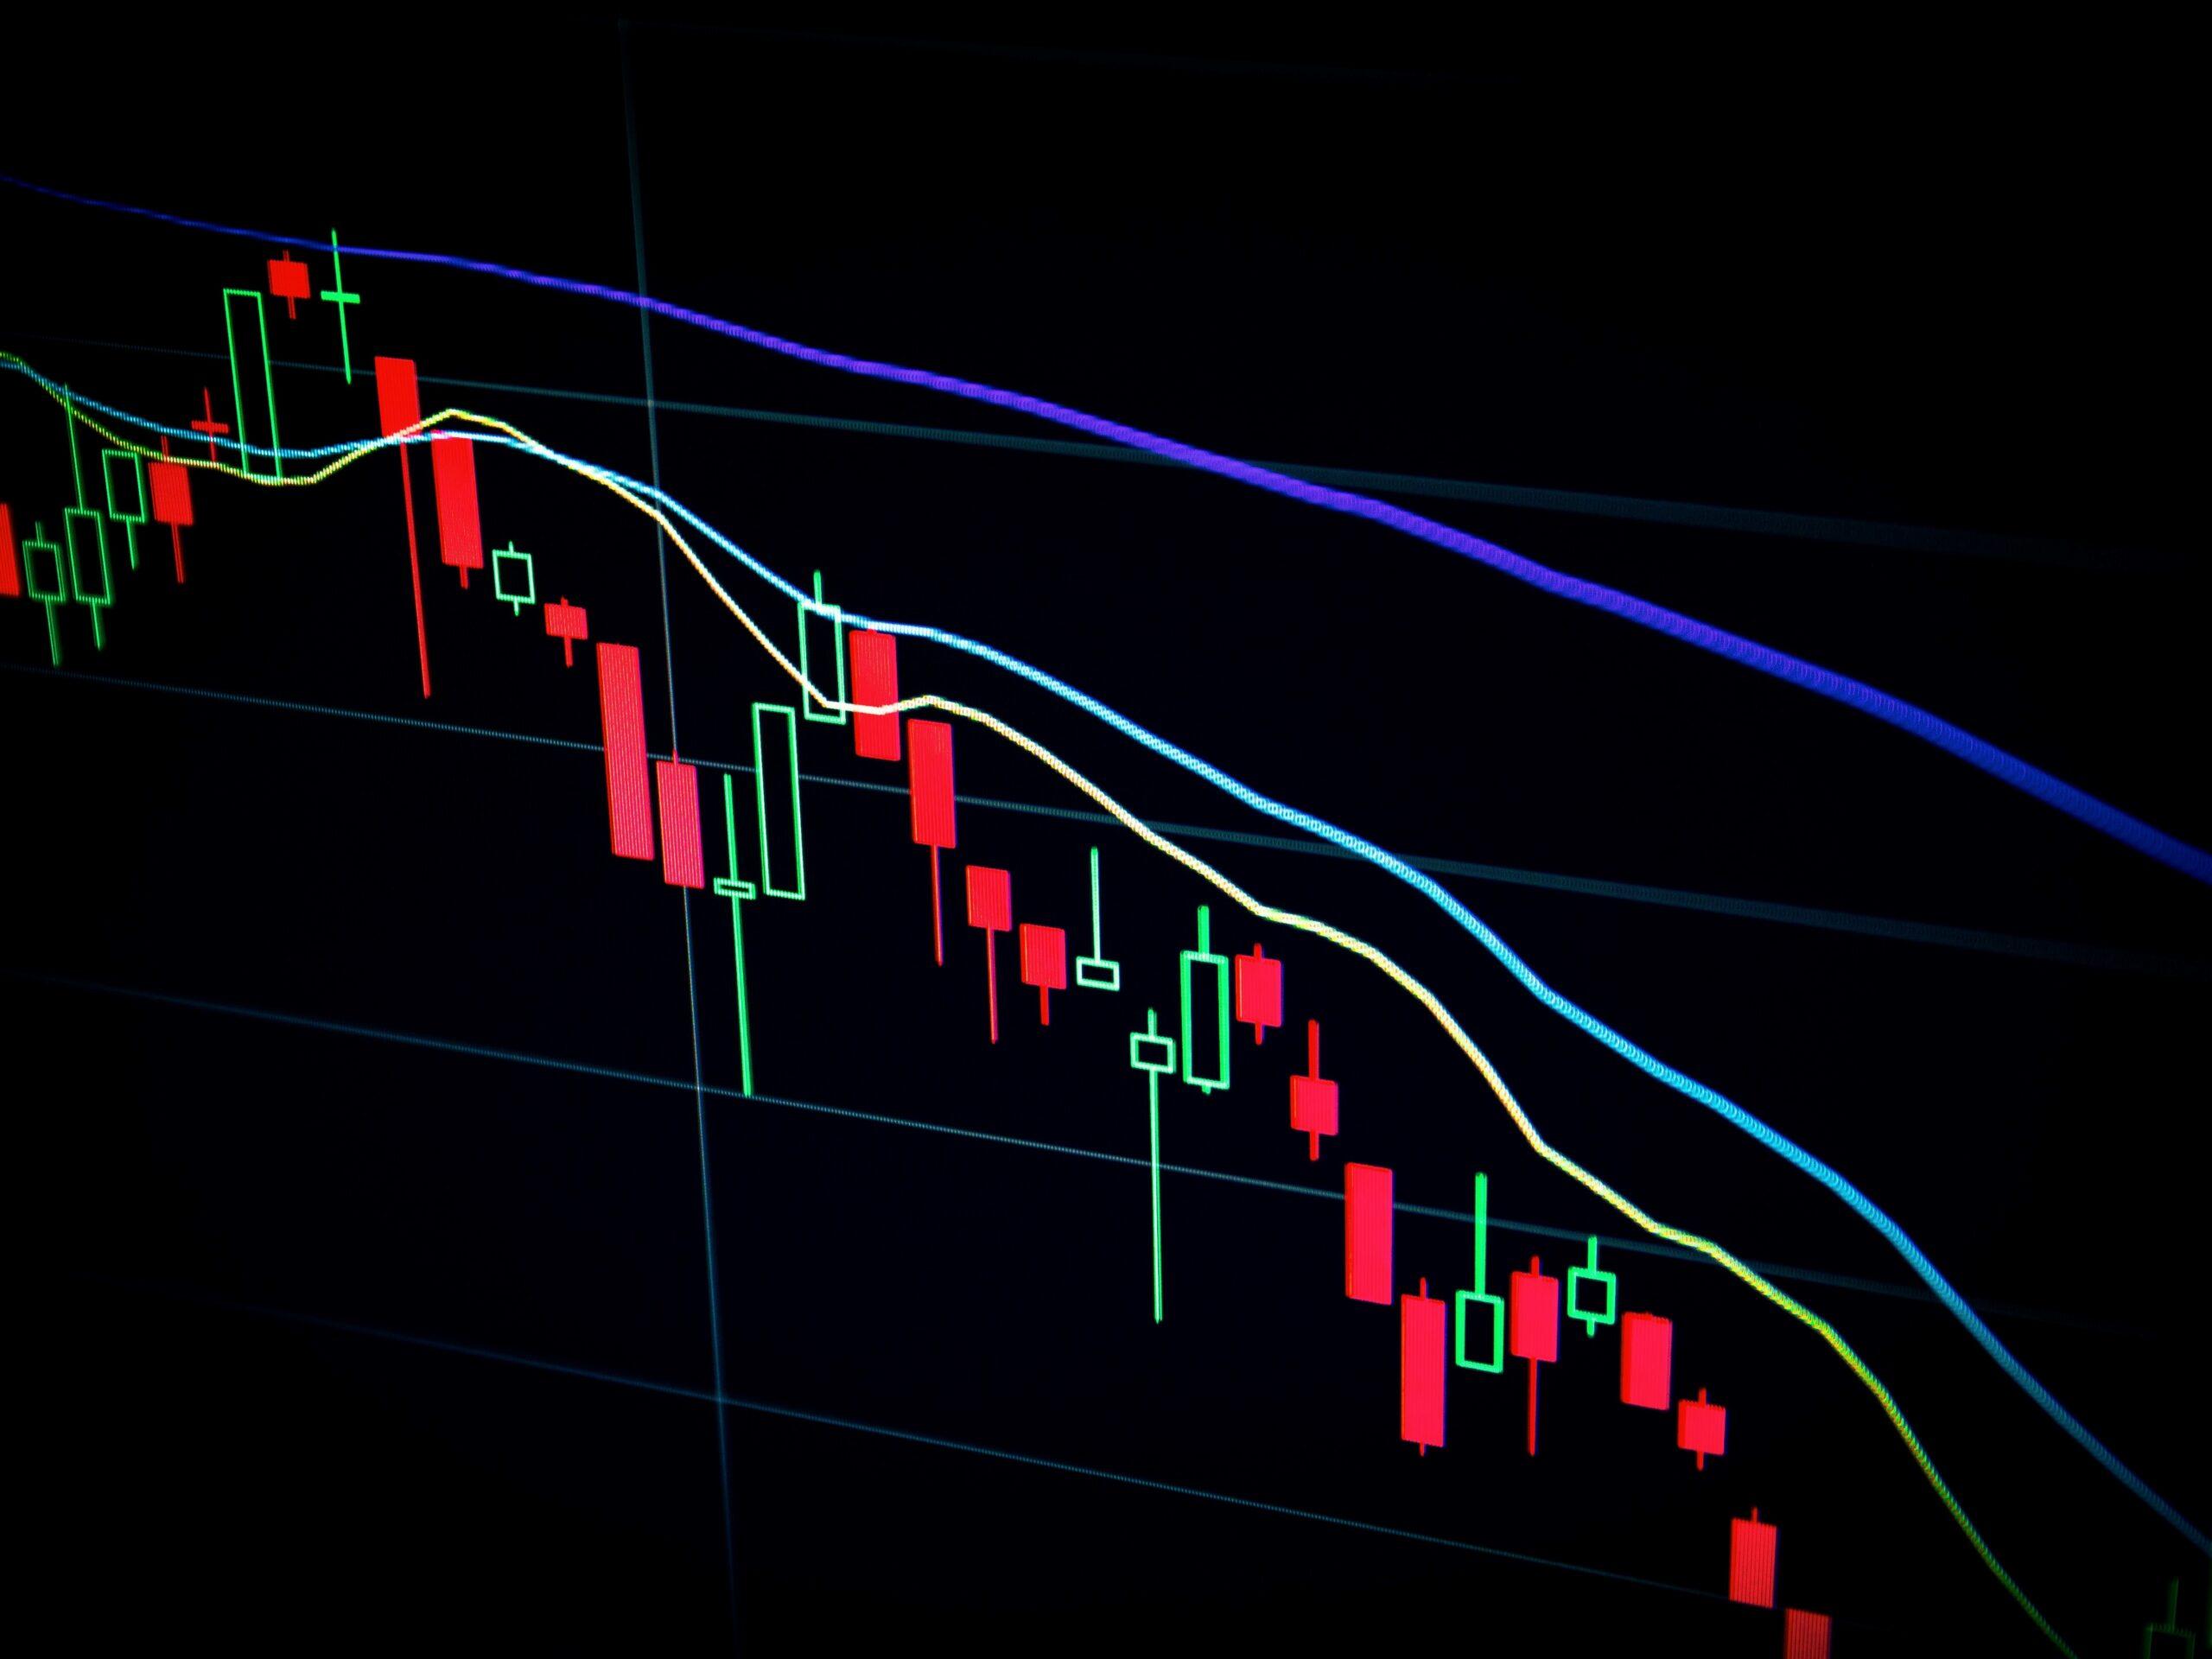 Wann kommt der nächste Crash an der Börse?